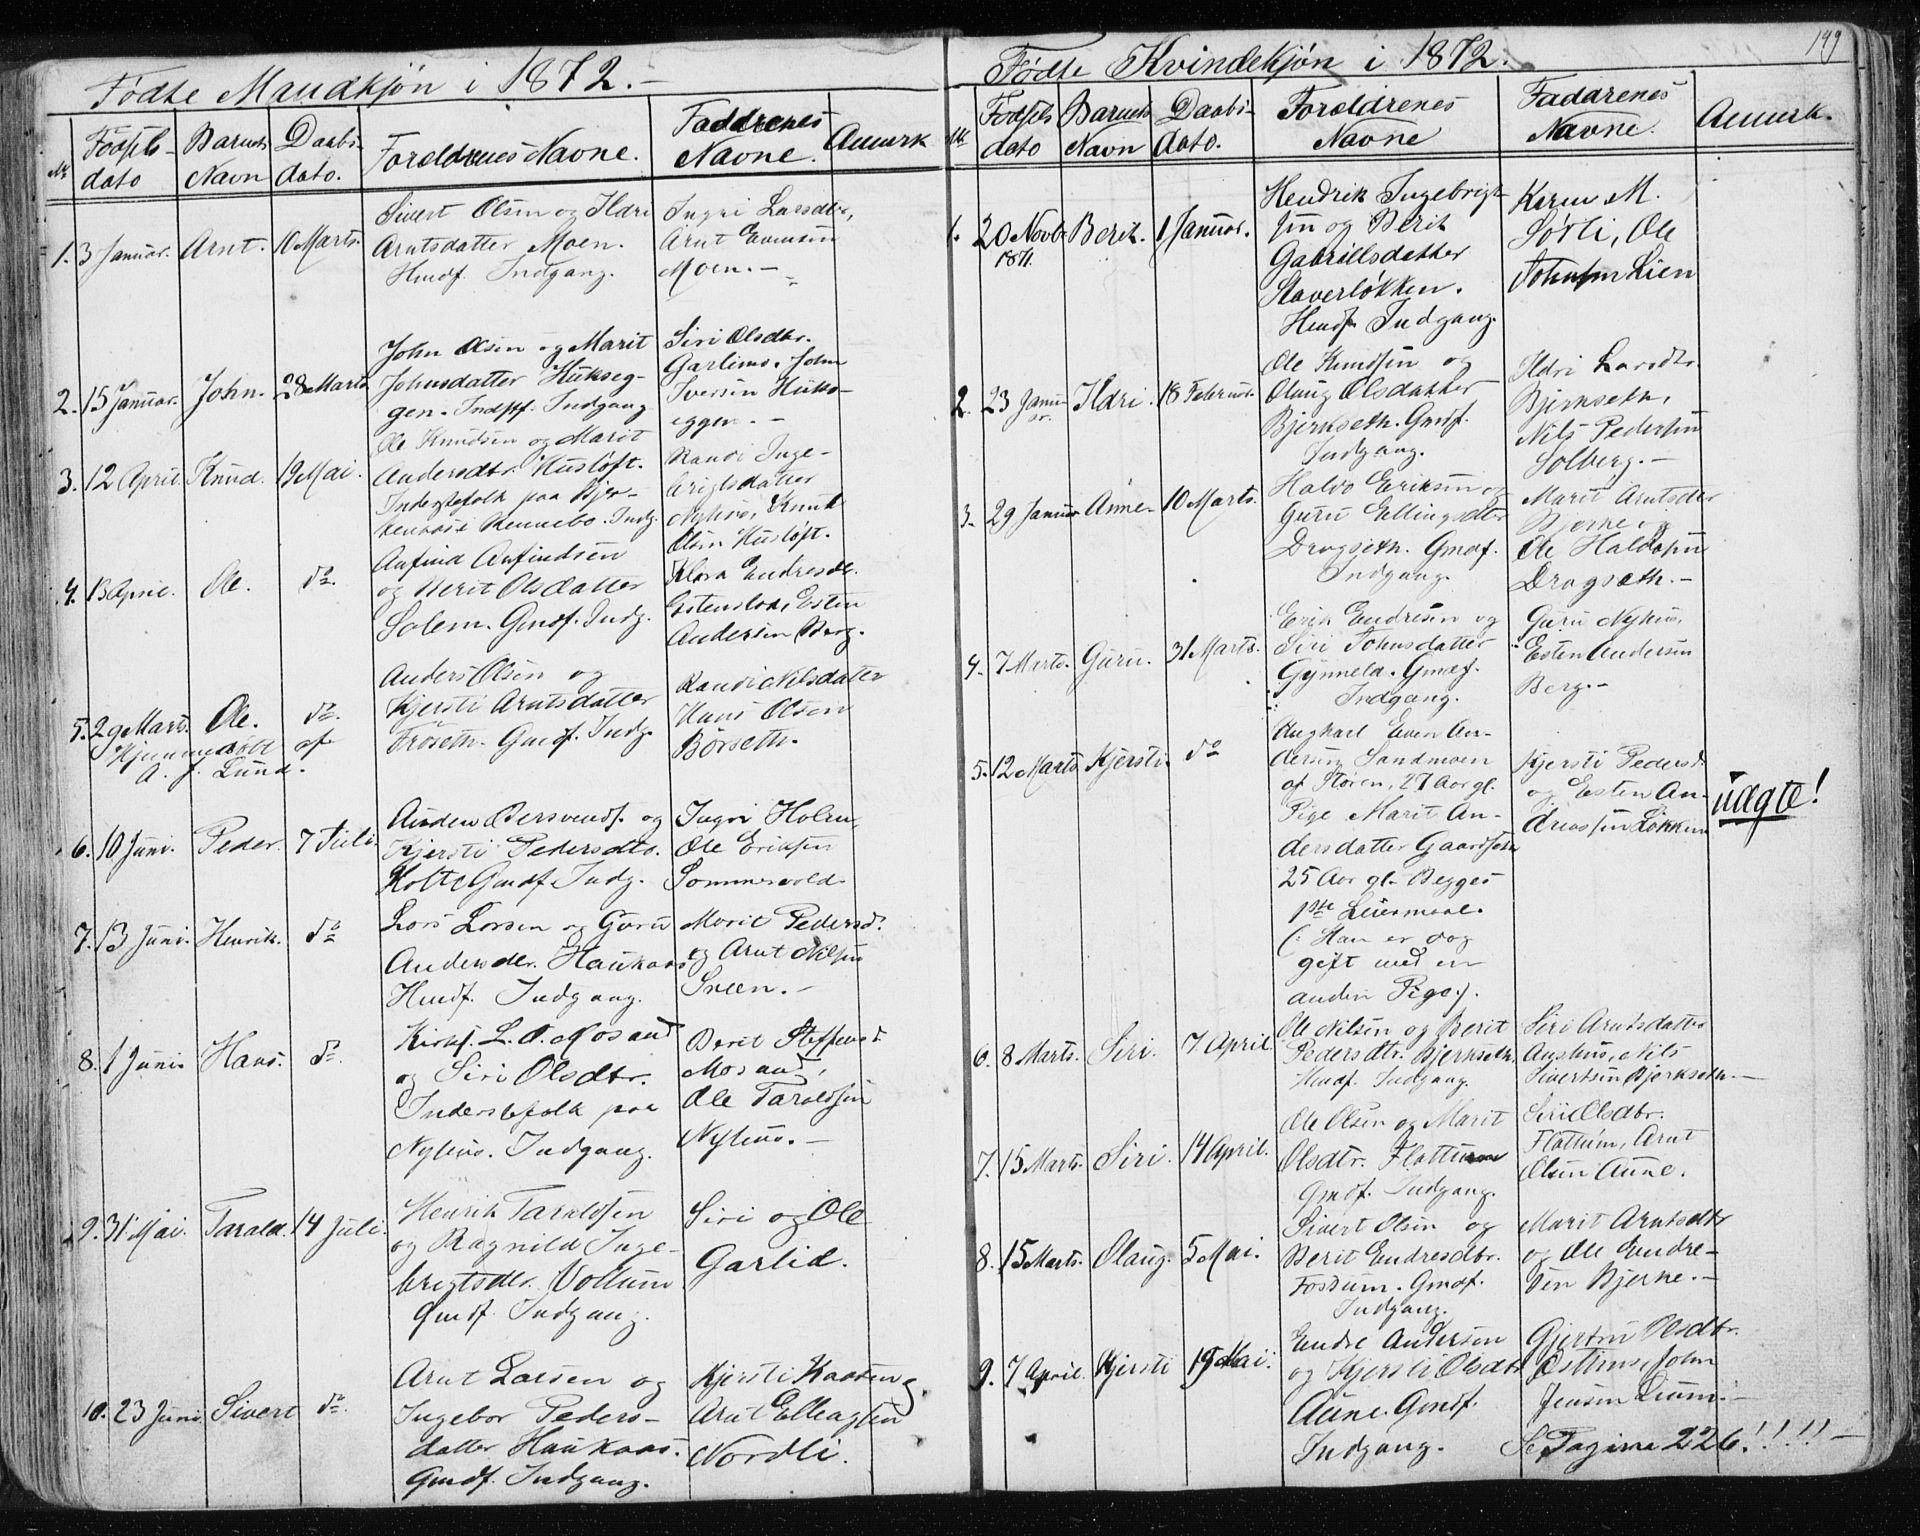 SAT, Ministerialprotokoller, klokkerbøker og fødselsregistre - Sør-Trøndelag, 689/L1043: Klokkerbok nr. 689C02, 1816-1892, s. 149